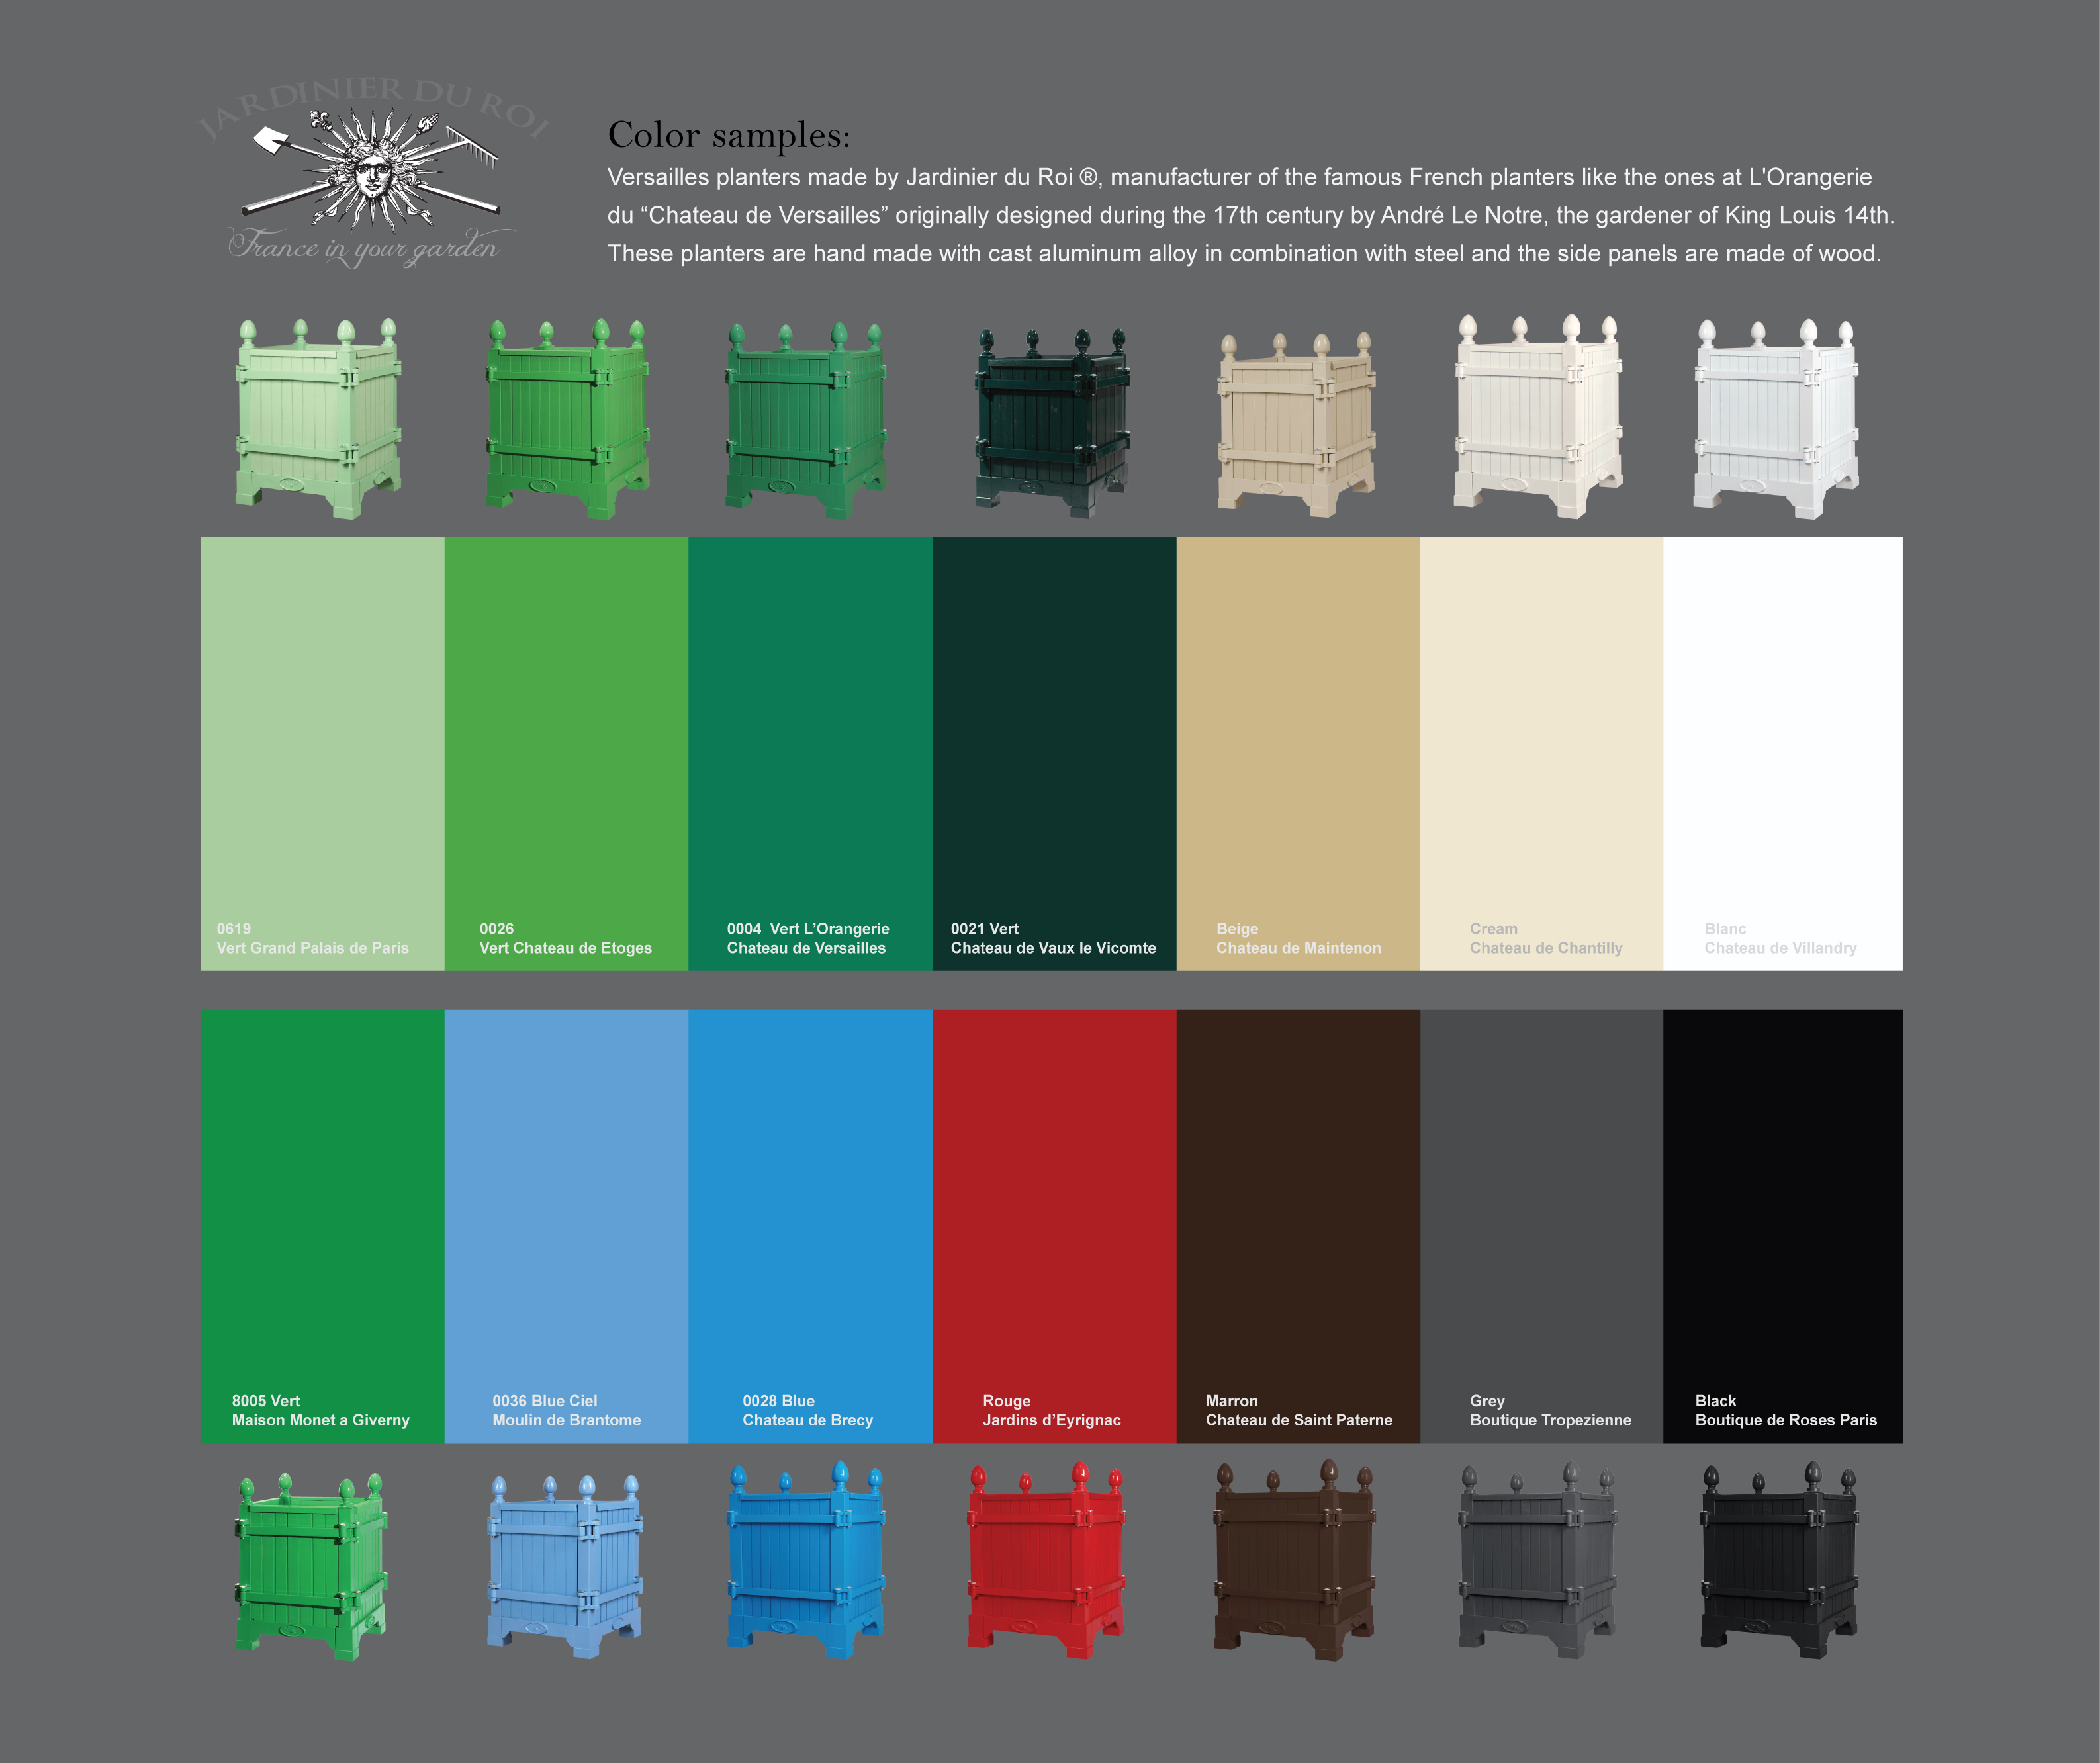 Versailles planter color palette